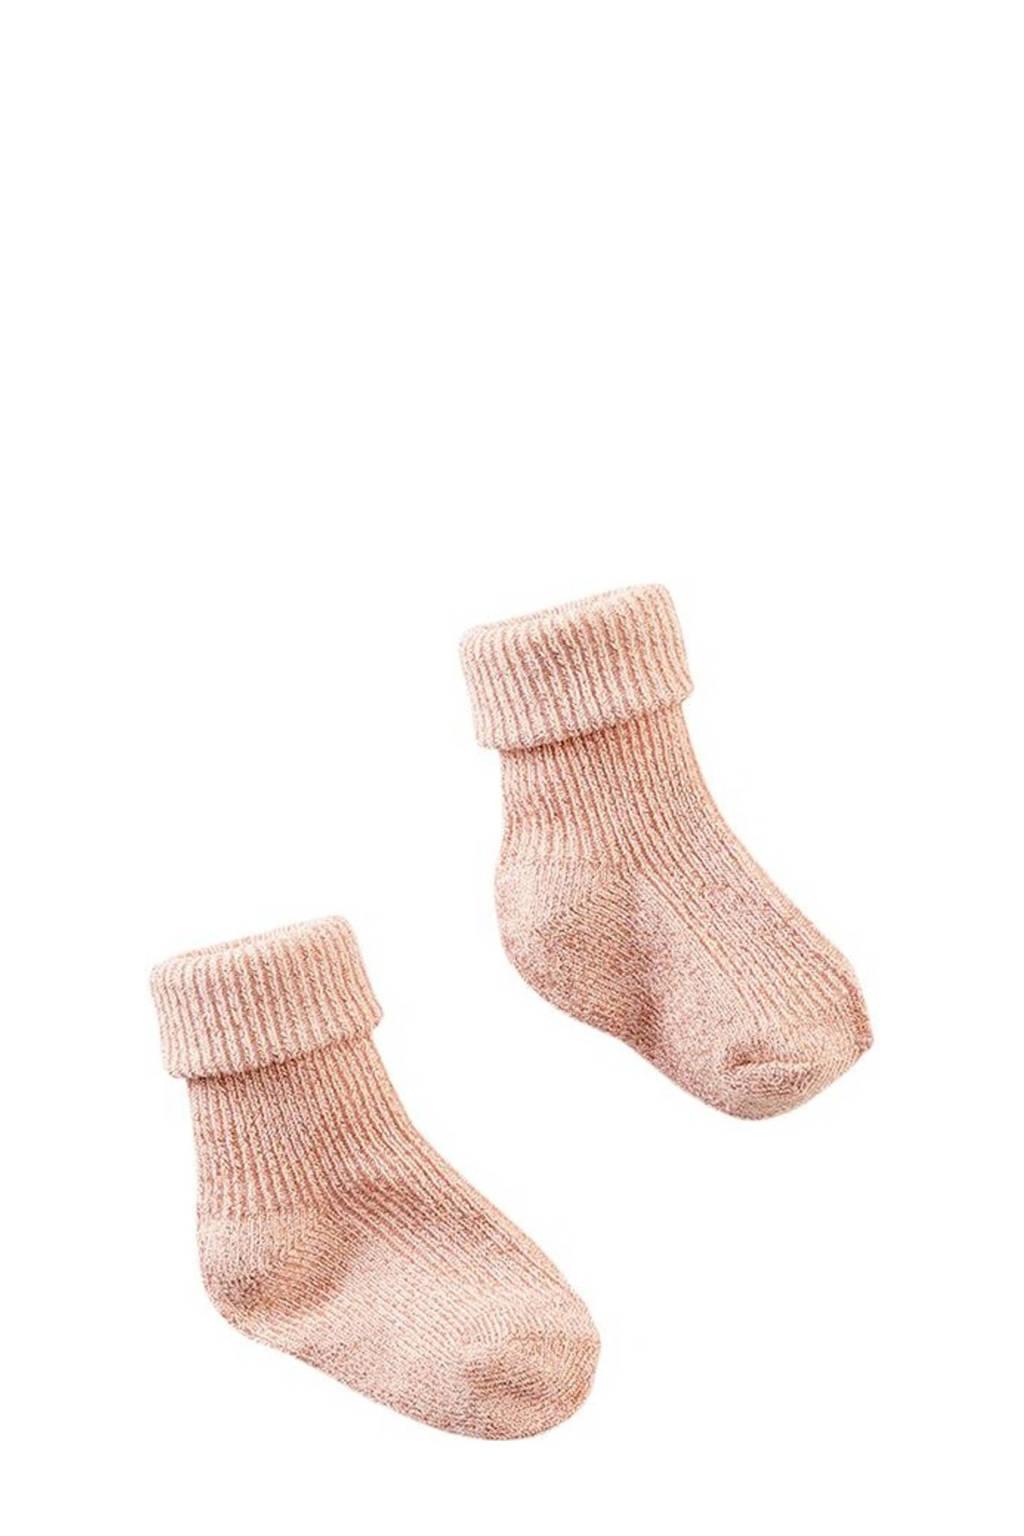 Z8 newborn baby sokken Samoa zalm, Zalm